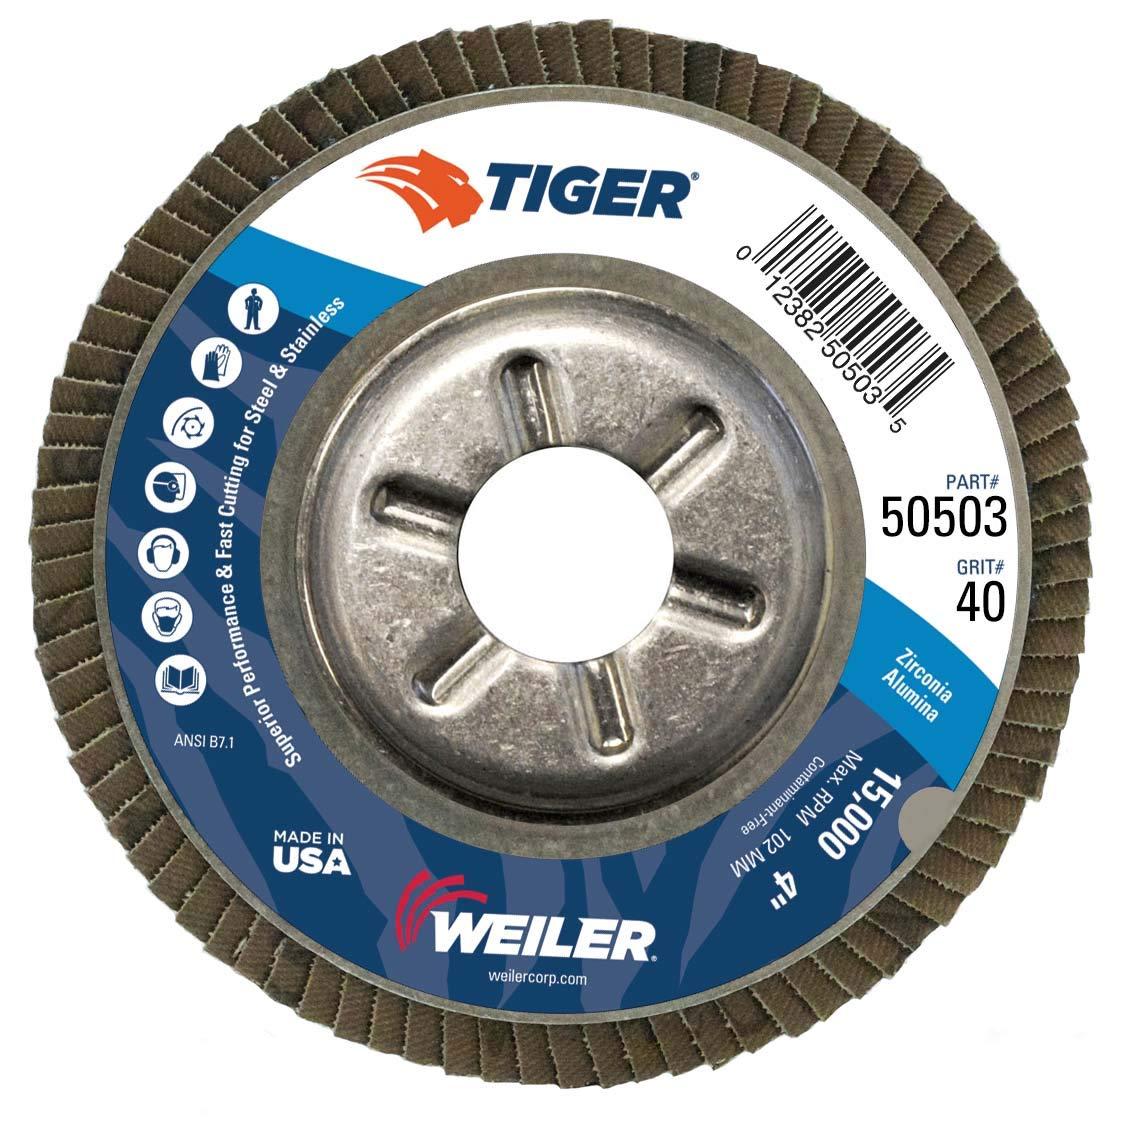 """Weiler 50503 Tiger Abrasive Flap Disc, Type 29, Round Hole, Aluminum Backing, Zirconia Alumina, 4"""" Dia., 40 Grit"""